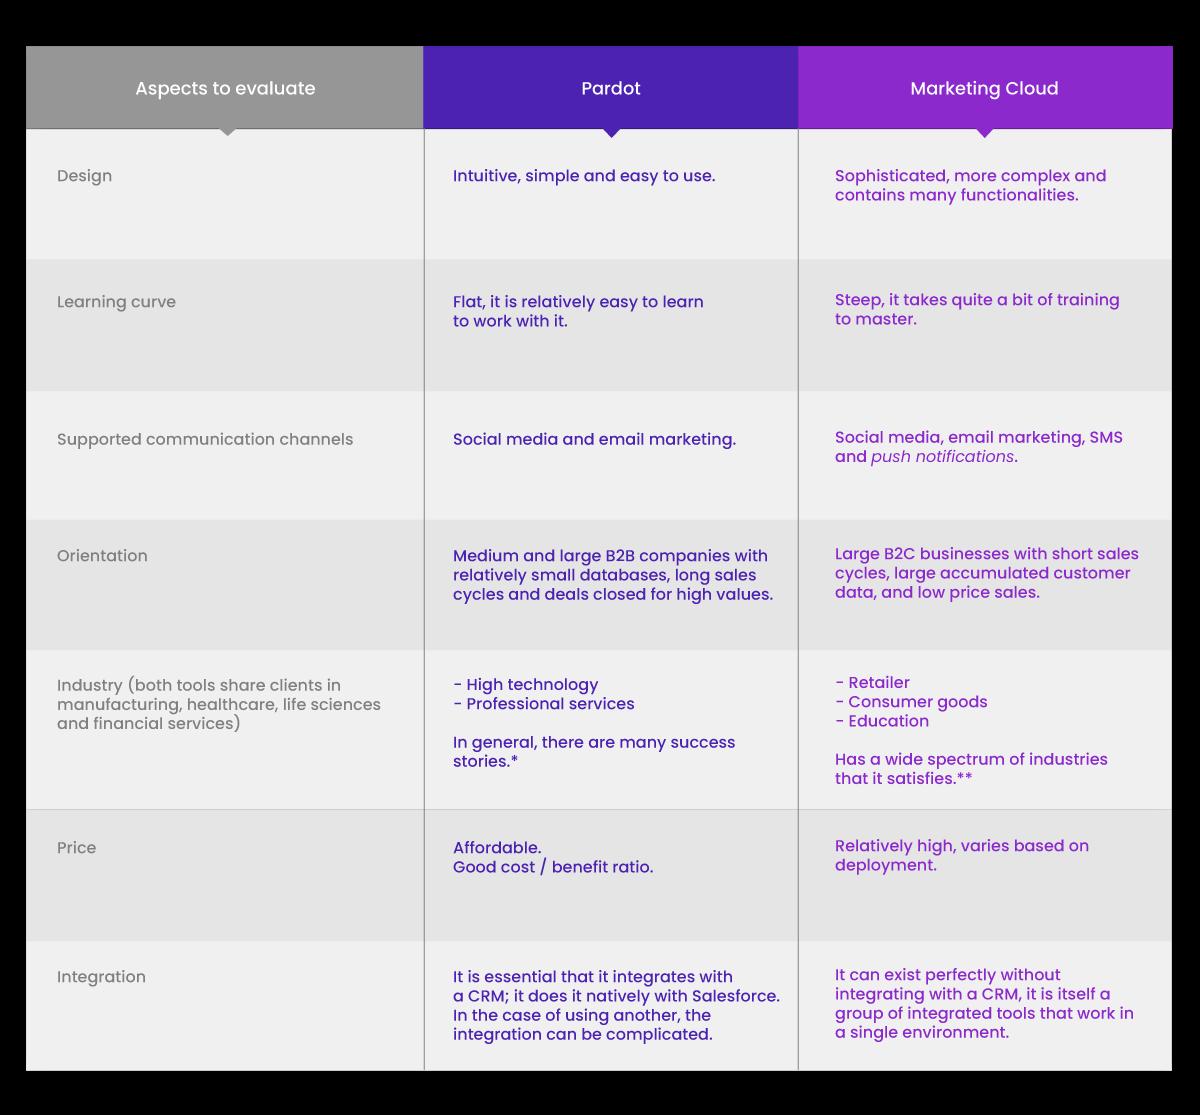 Pardot vs Marketing Cloud